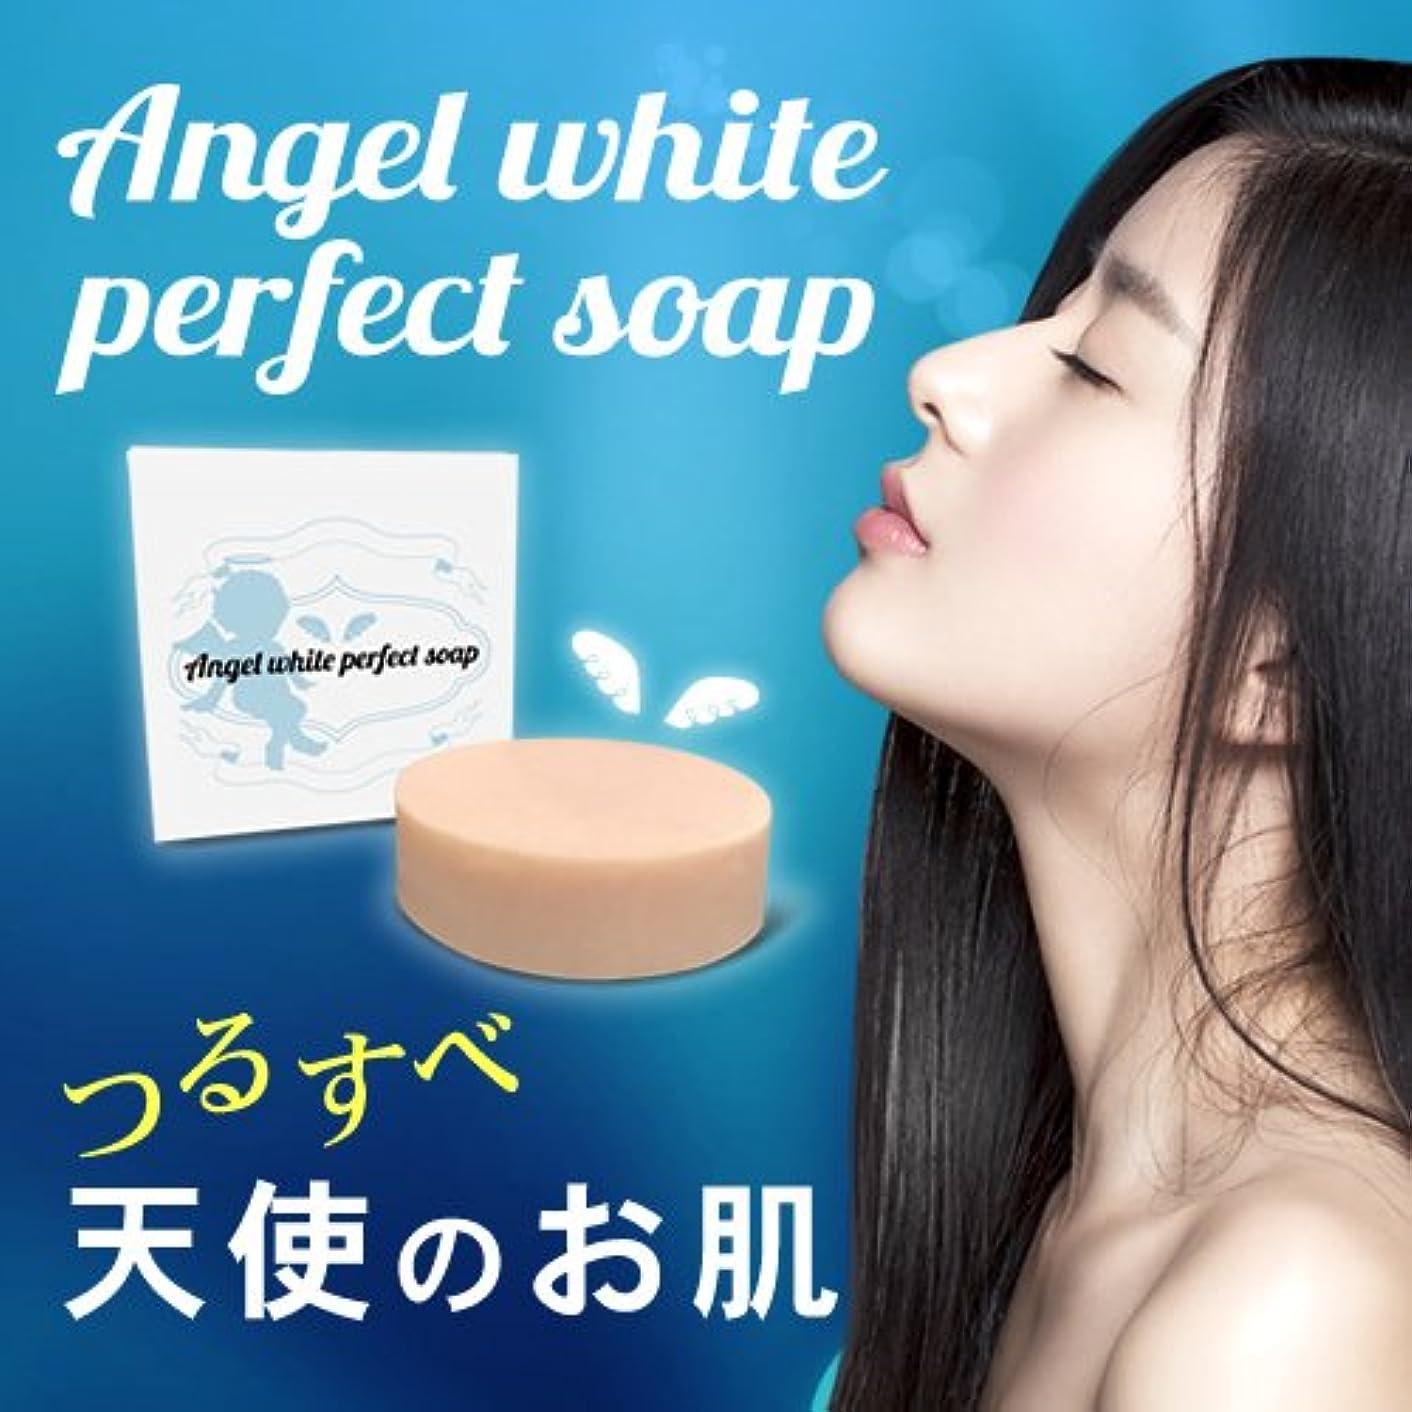 酔った郵便番号お別れAngel White Perfect Soap(エンジェルホワイトパーフェクトソープ) 美白 美白石けん 美肌 洗顔石鹸